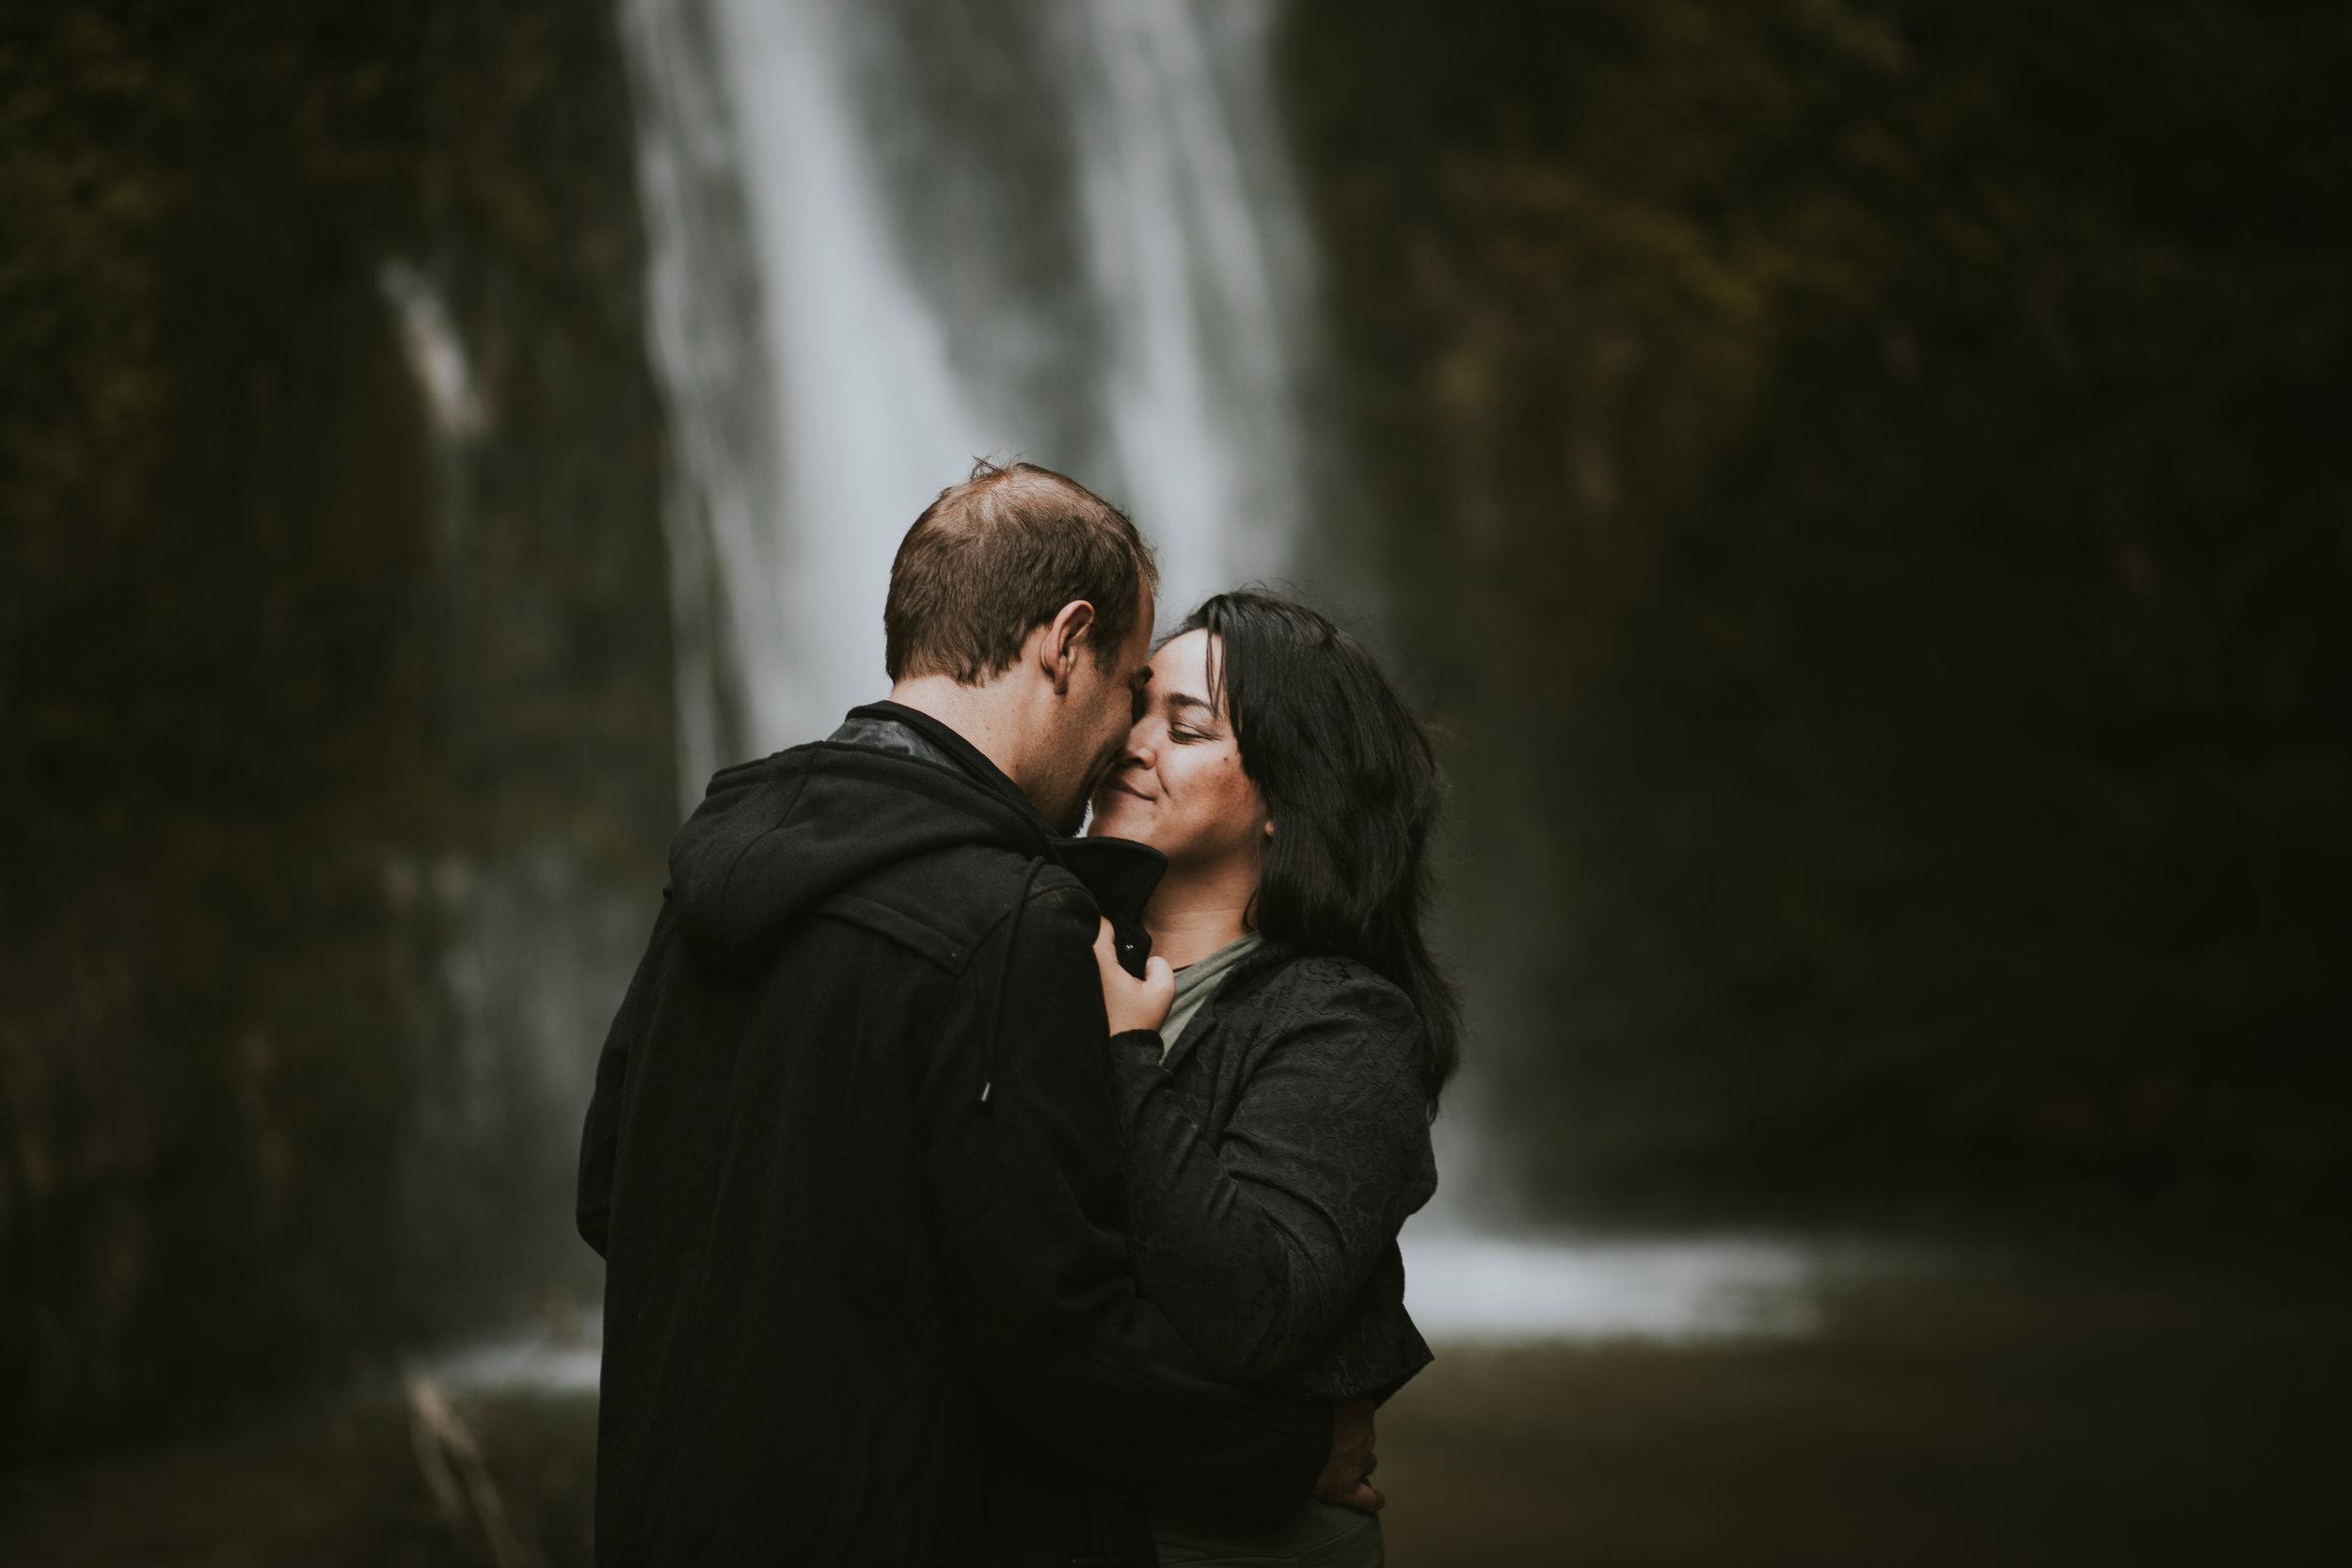 Lisa Fisher Photography - James & Lisa Engagement-26.jpg